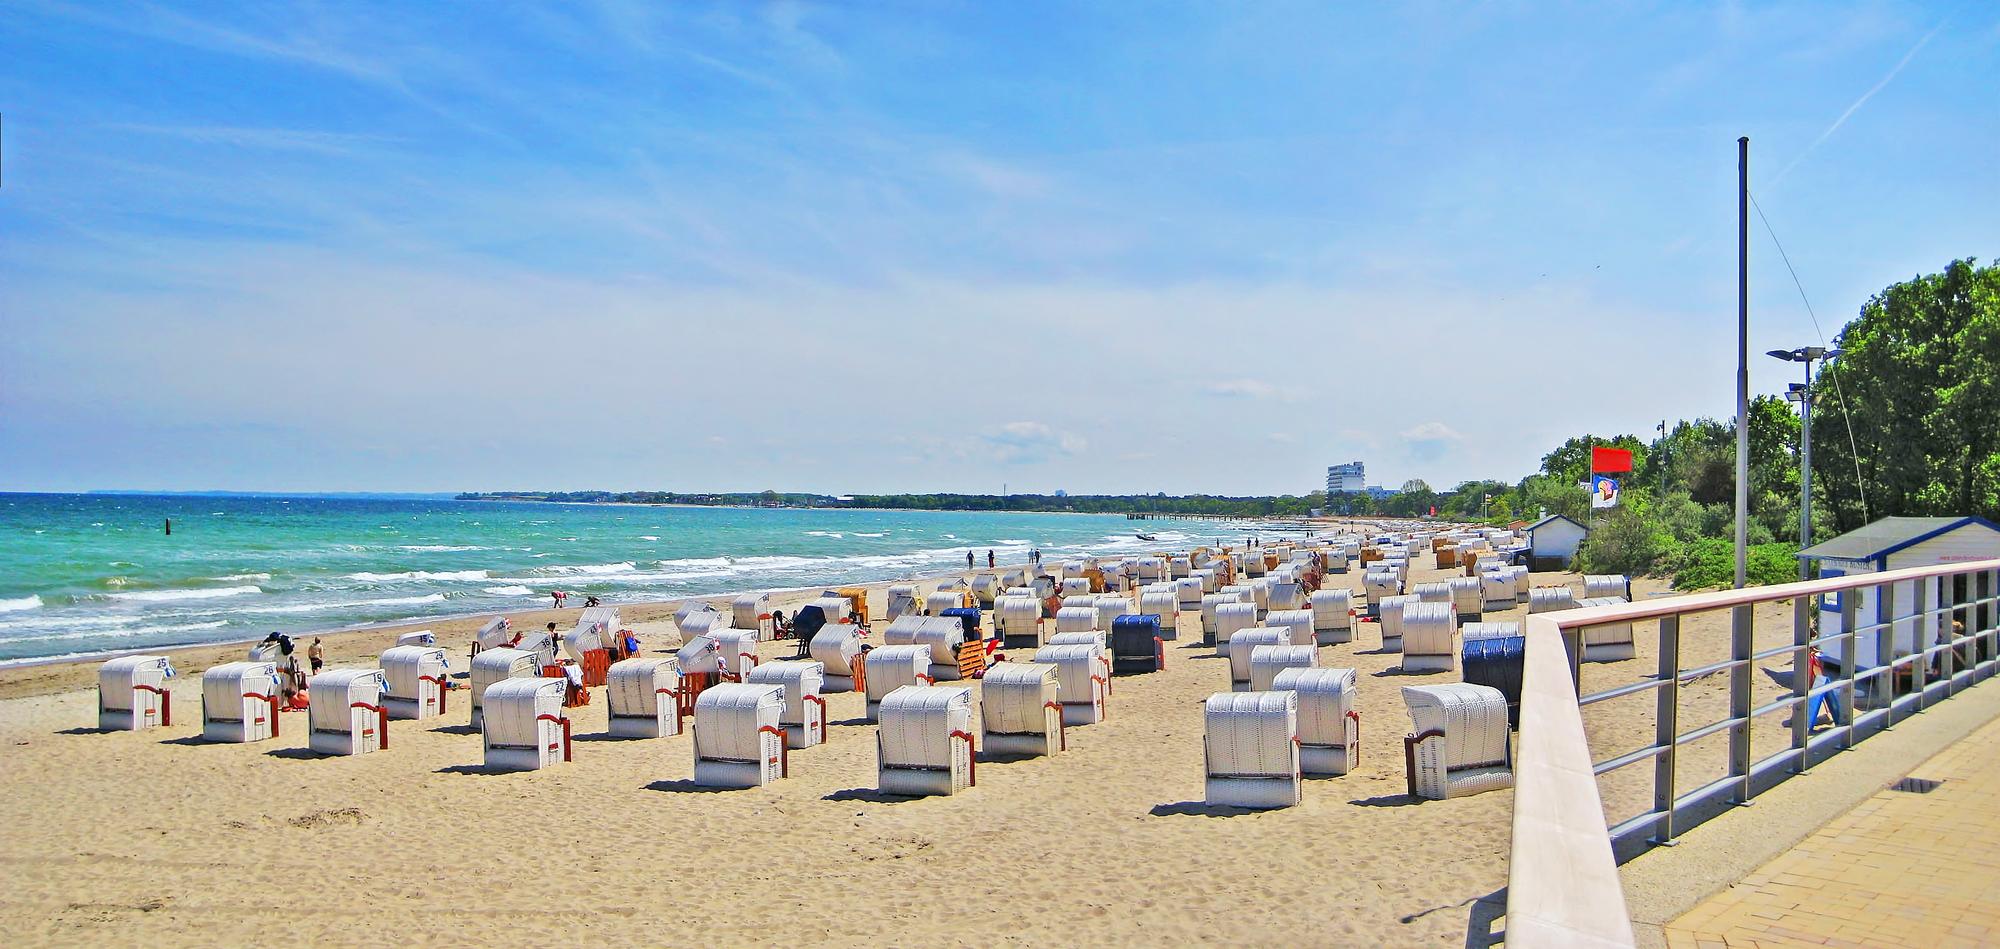 Urlaub am Timmendorfer Strand: 4 Tage an die Ostsee am Wochenende mit Hotel für 142€